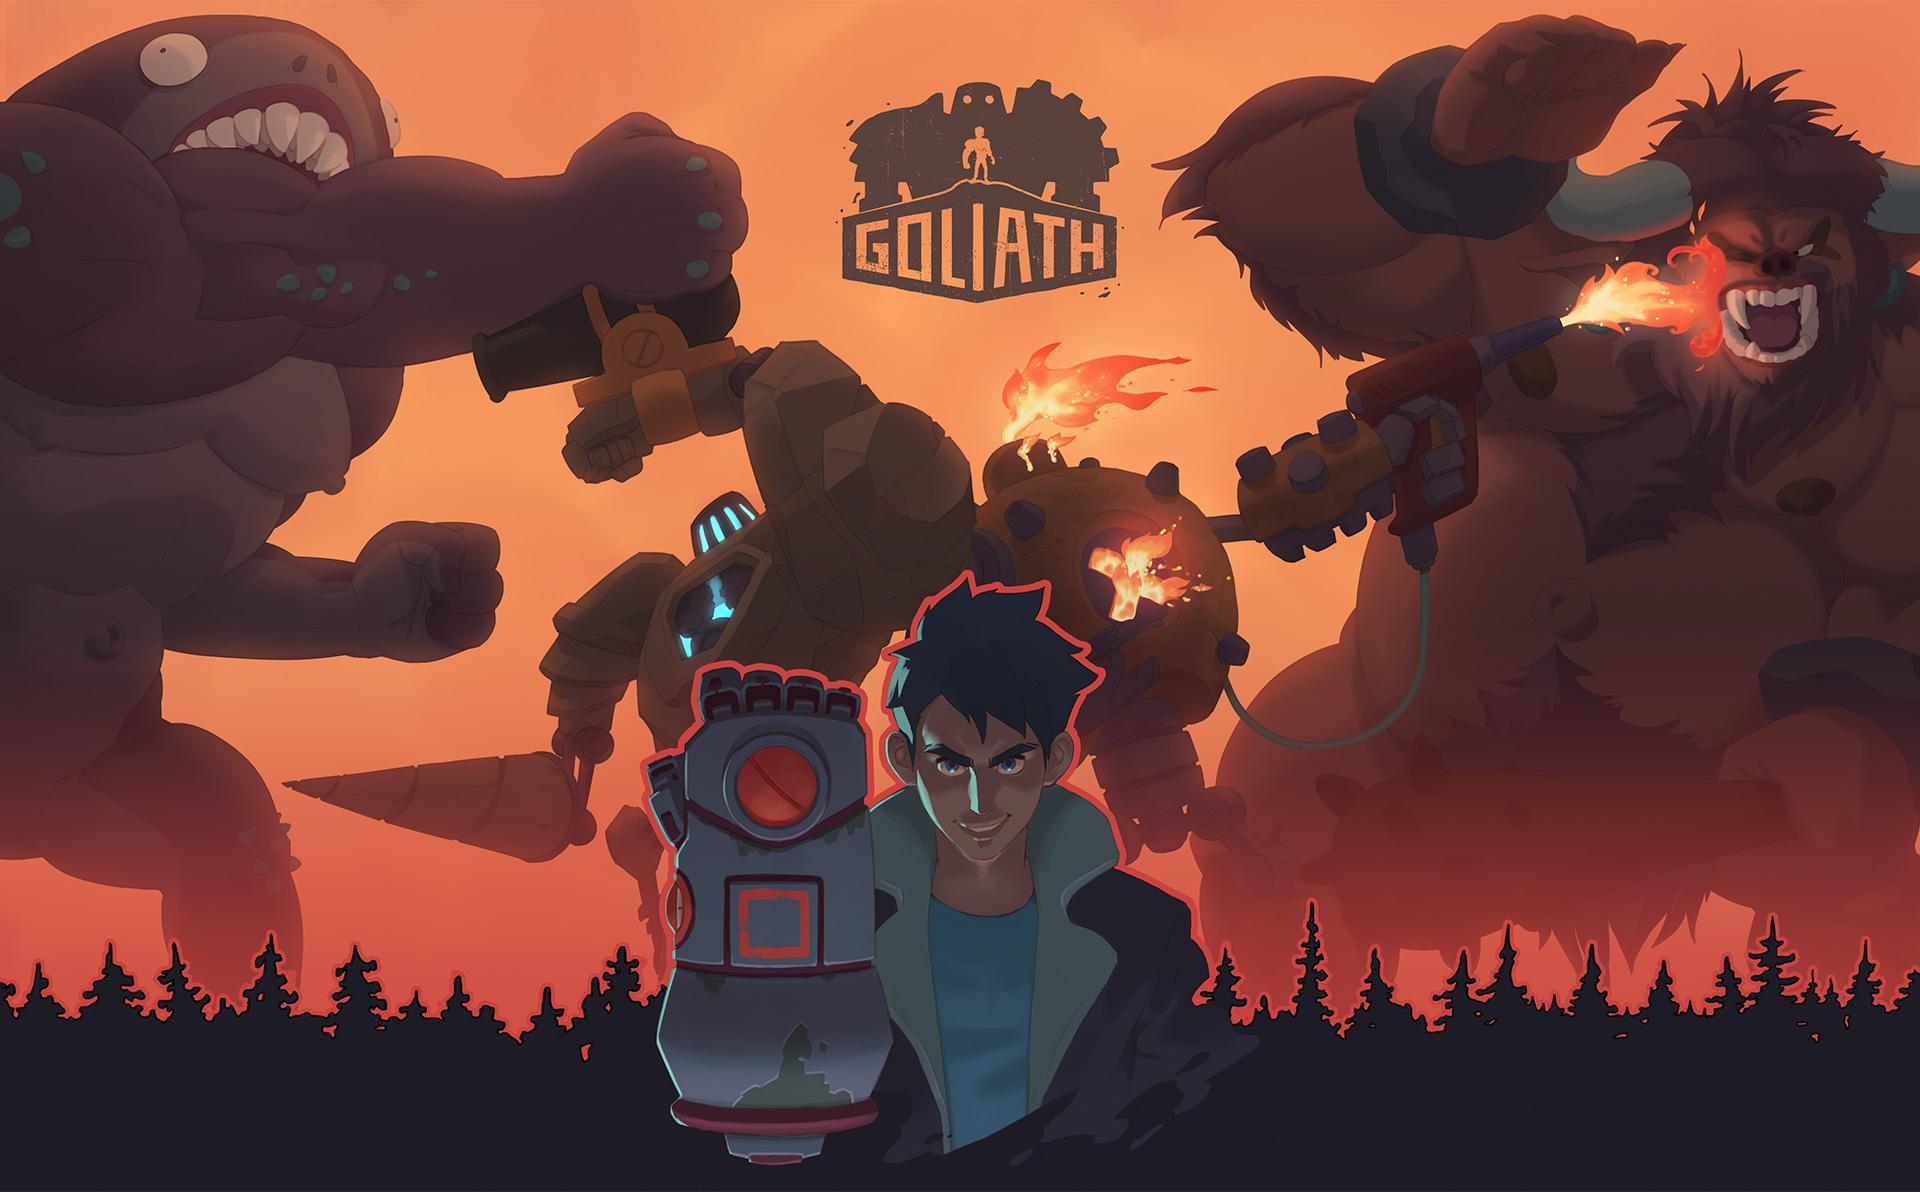 Goliath - Đánh Giá Game